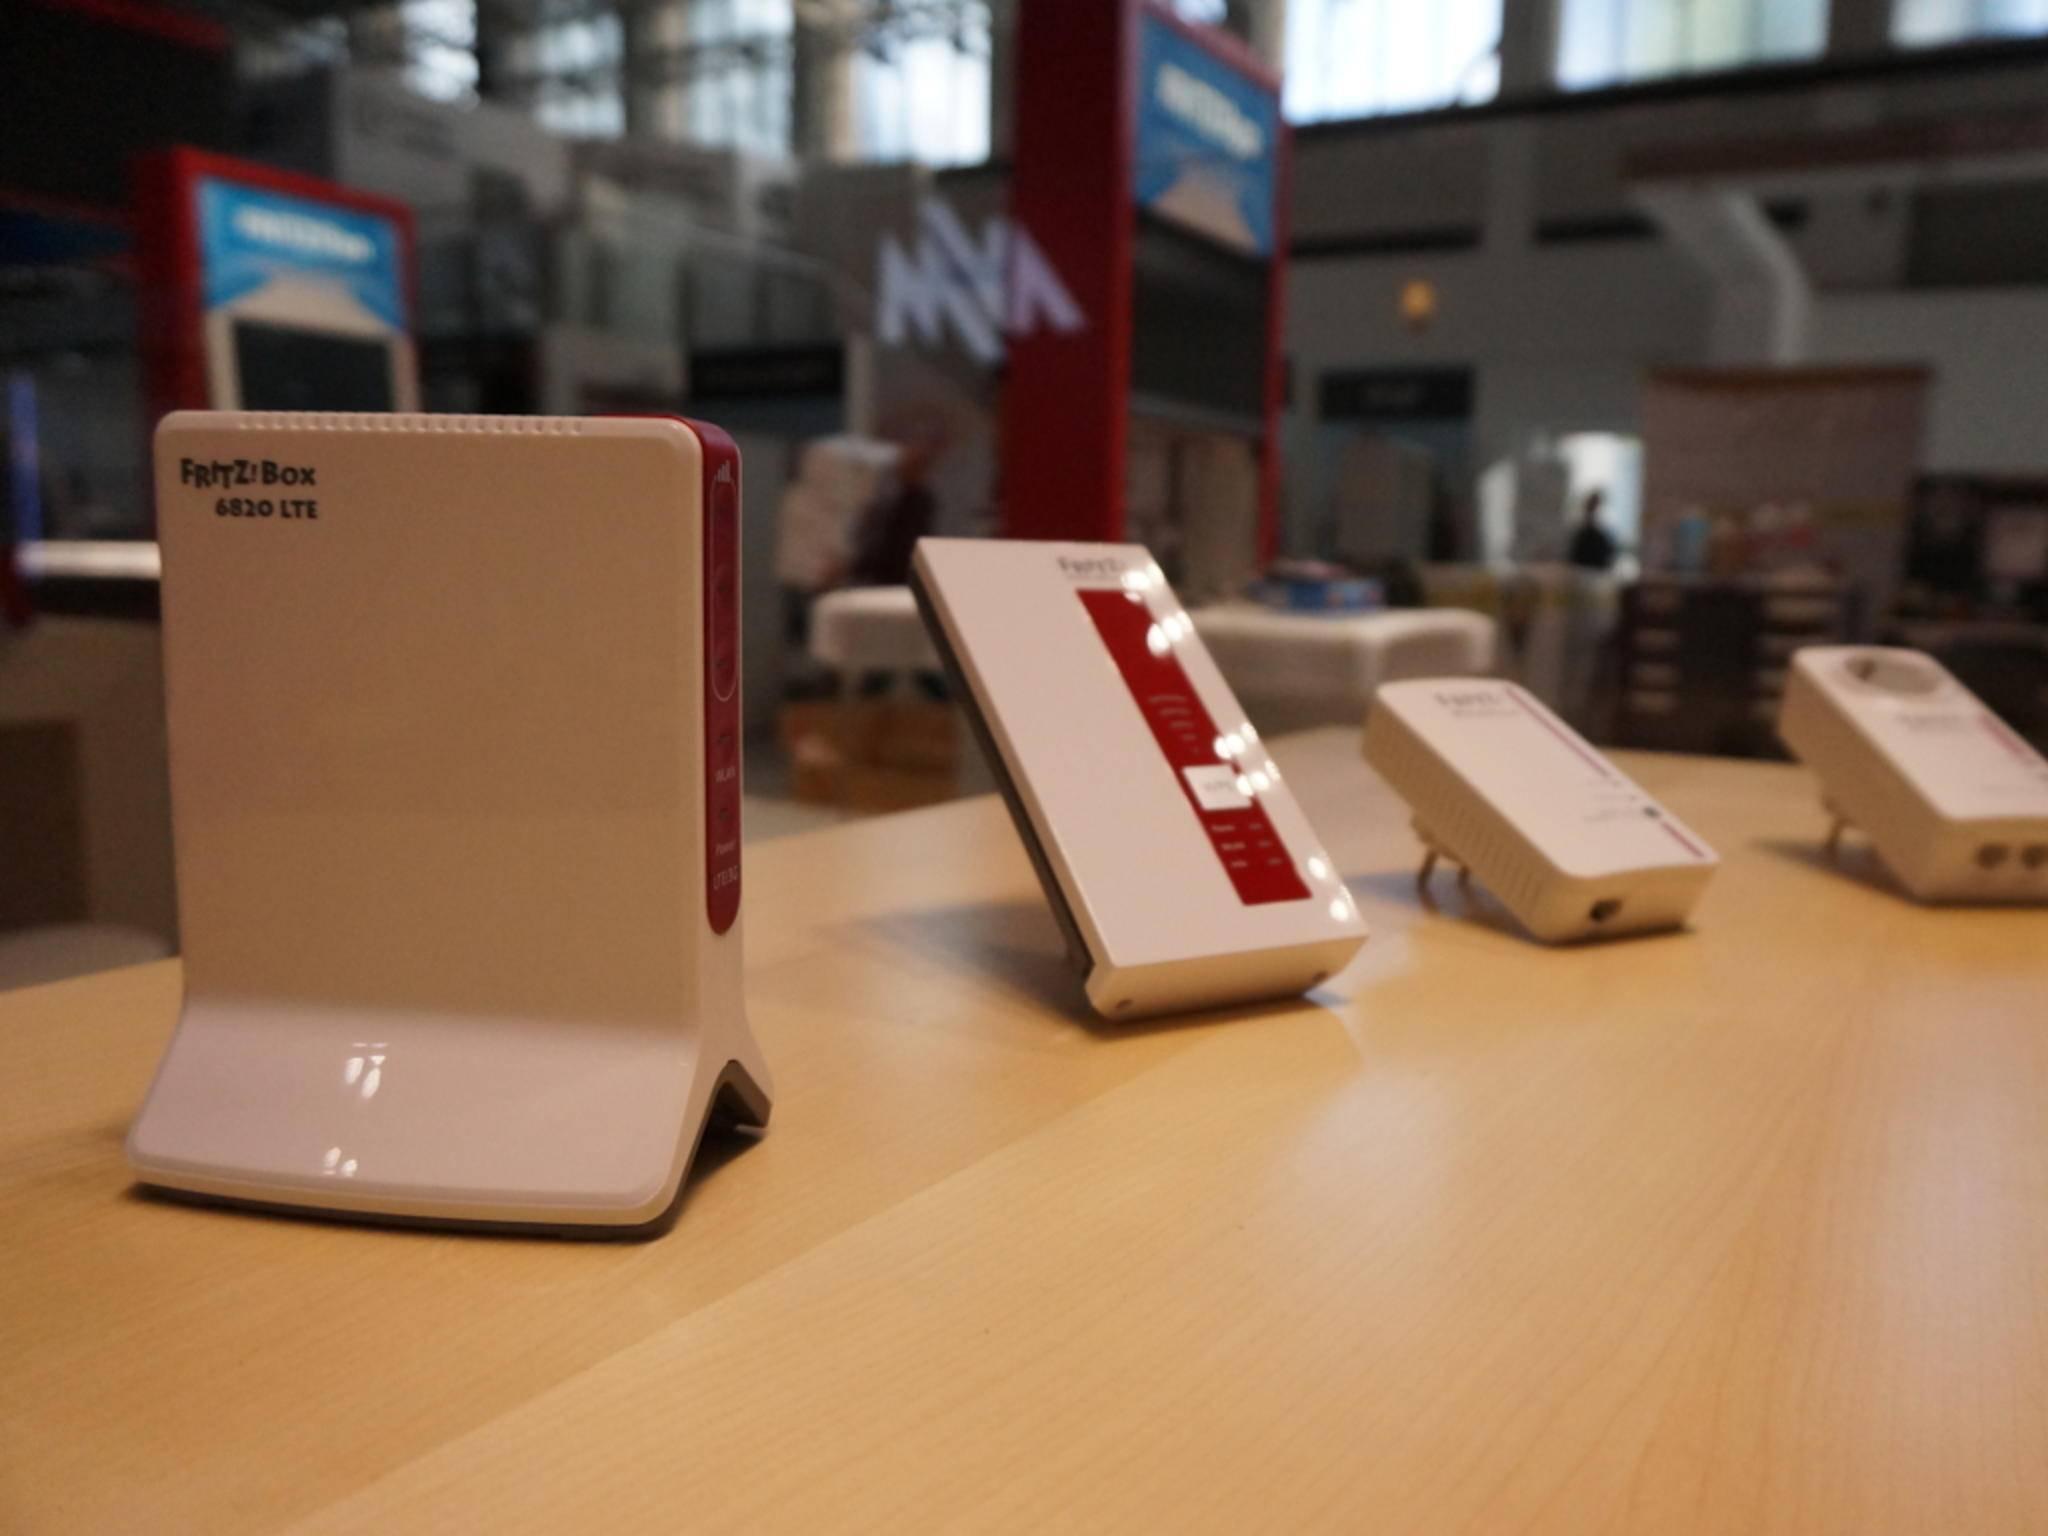 Die Fritzbox 6820 LTE ist ein Router neuen Typs.